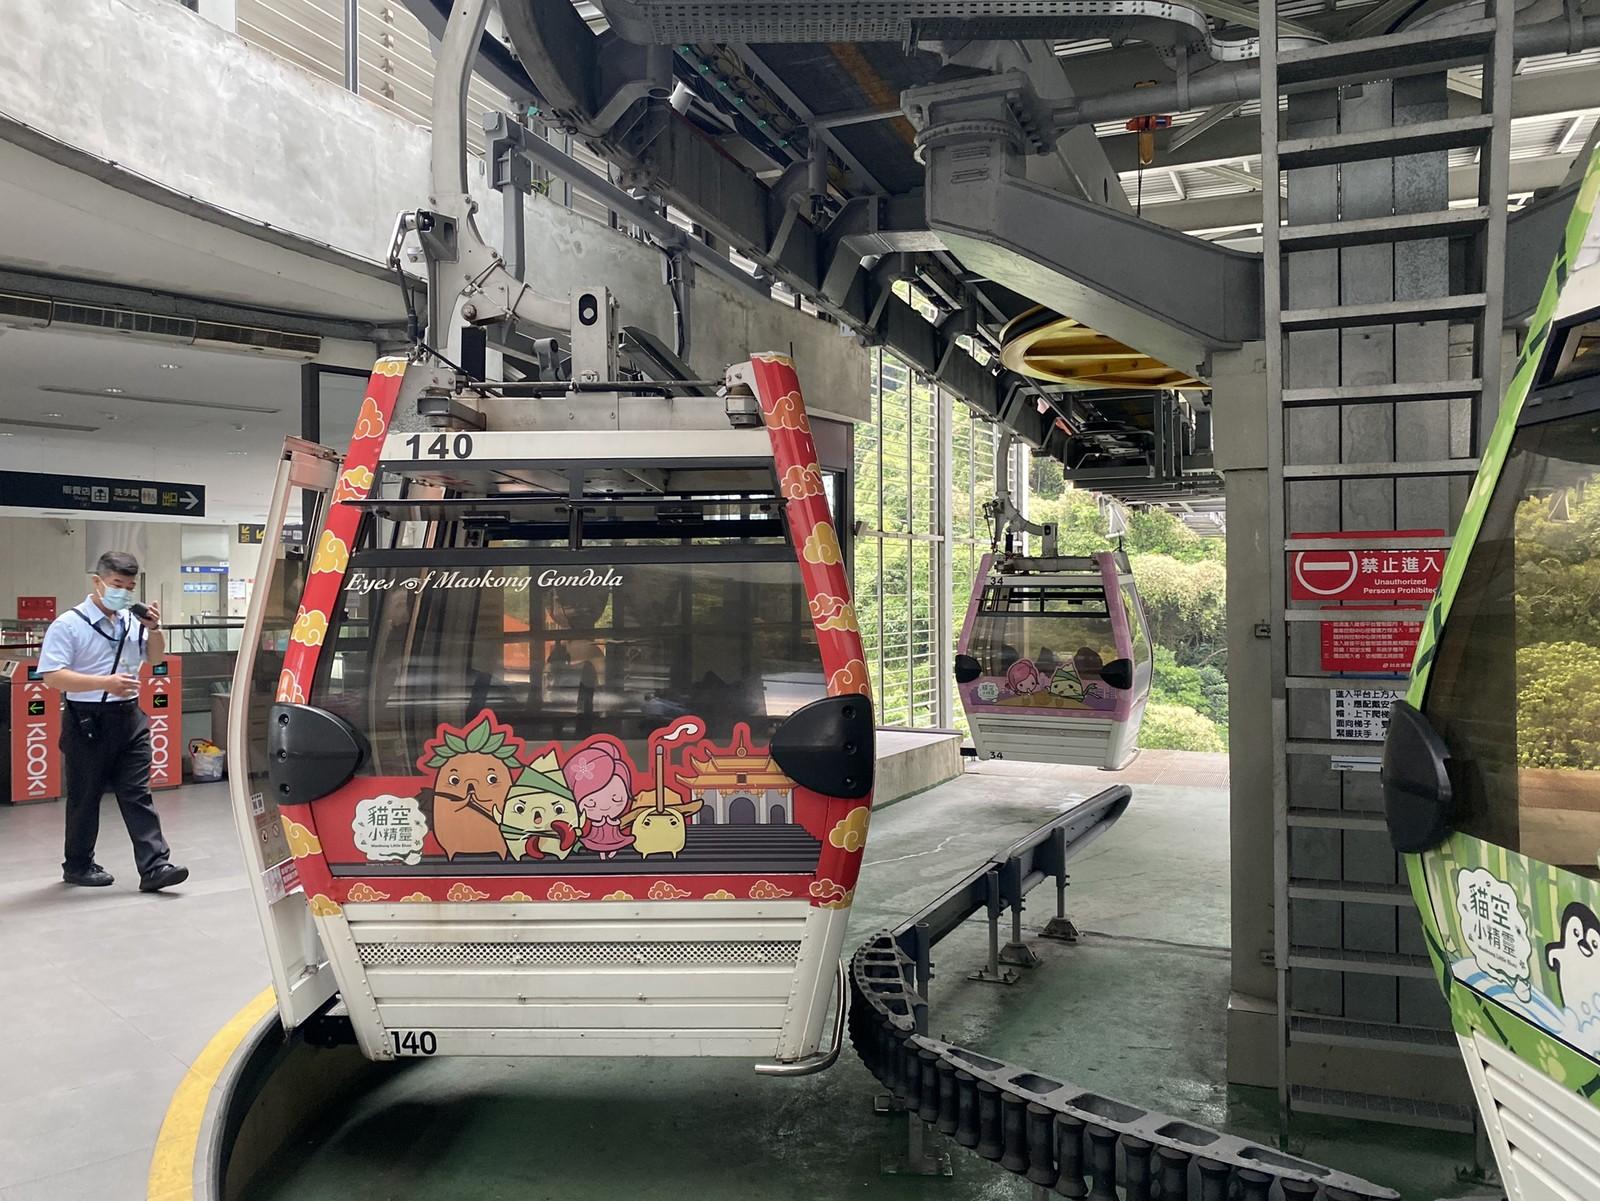 台北捷運一日遊・旅遊APP推薦》臺北捷運GO APP秋日玩樂趣~多項好康優惠免費領取!